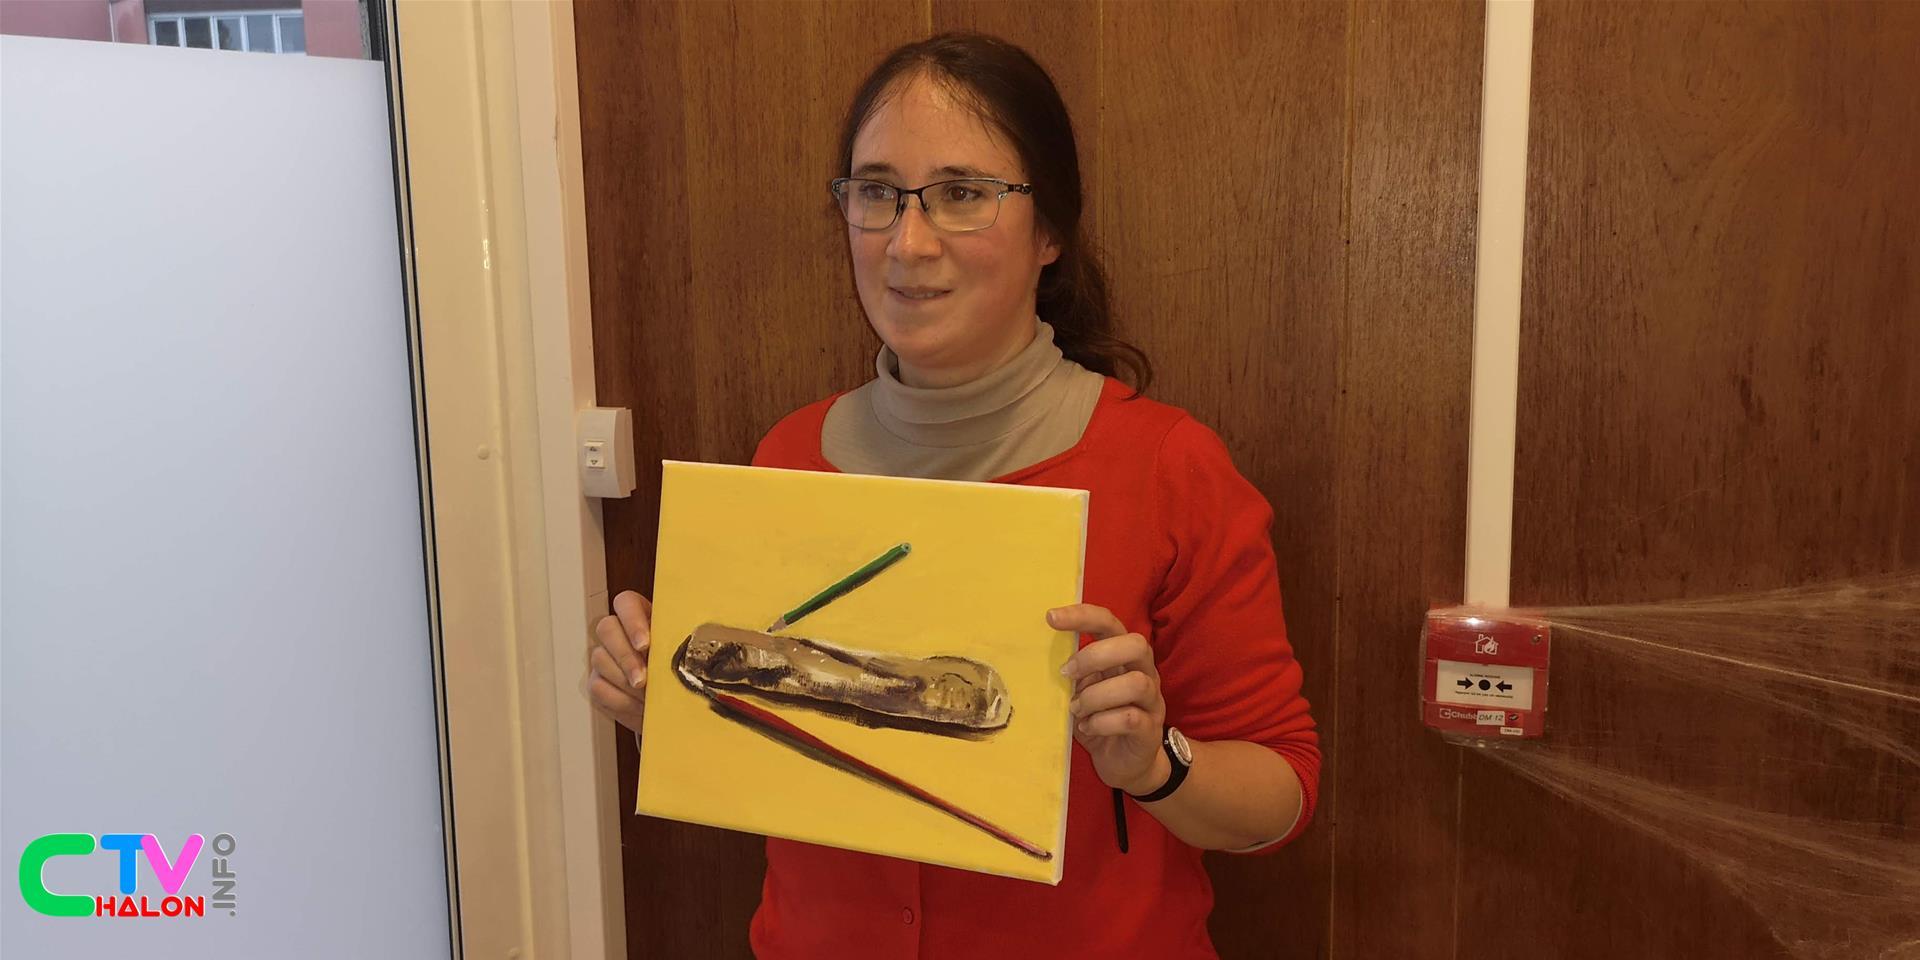 """Constance Dickson et une peinture qui illustrera son livre de poème """"Un vase rempli d'émotions"""" - sortie décembre 2019"""